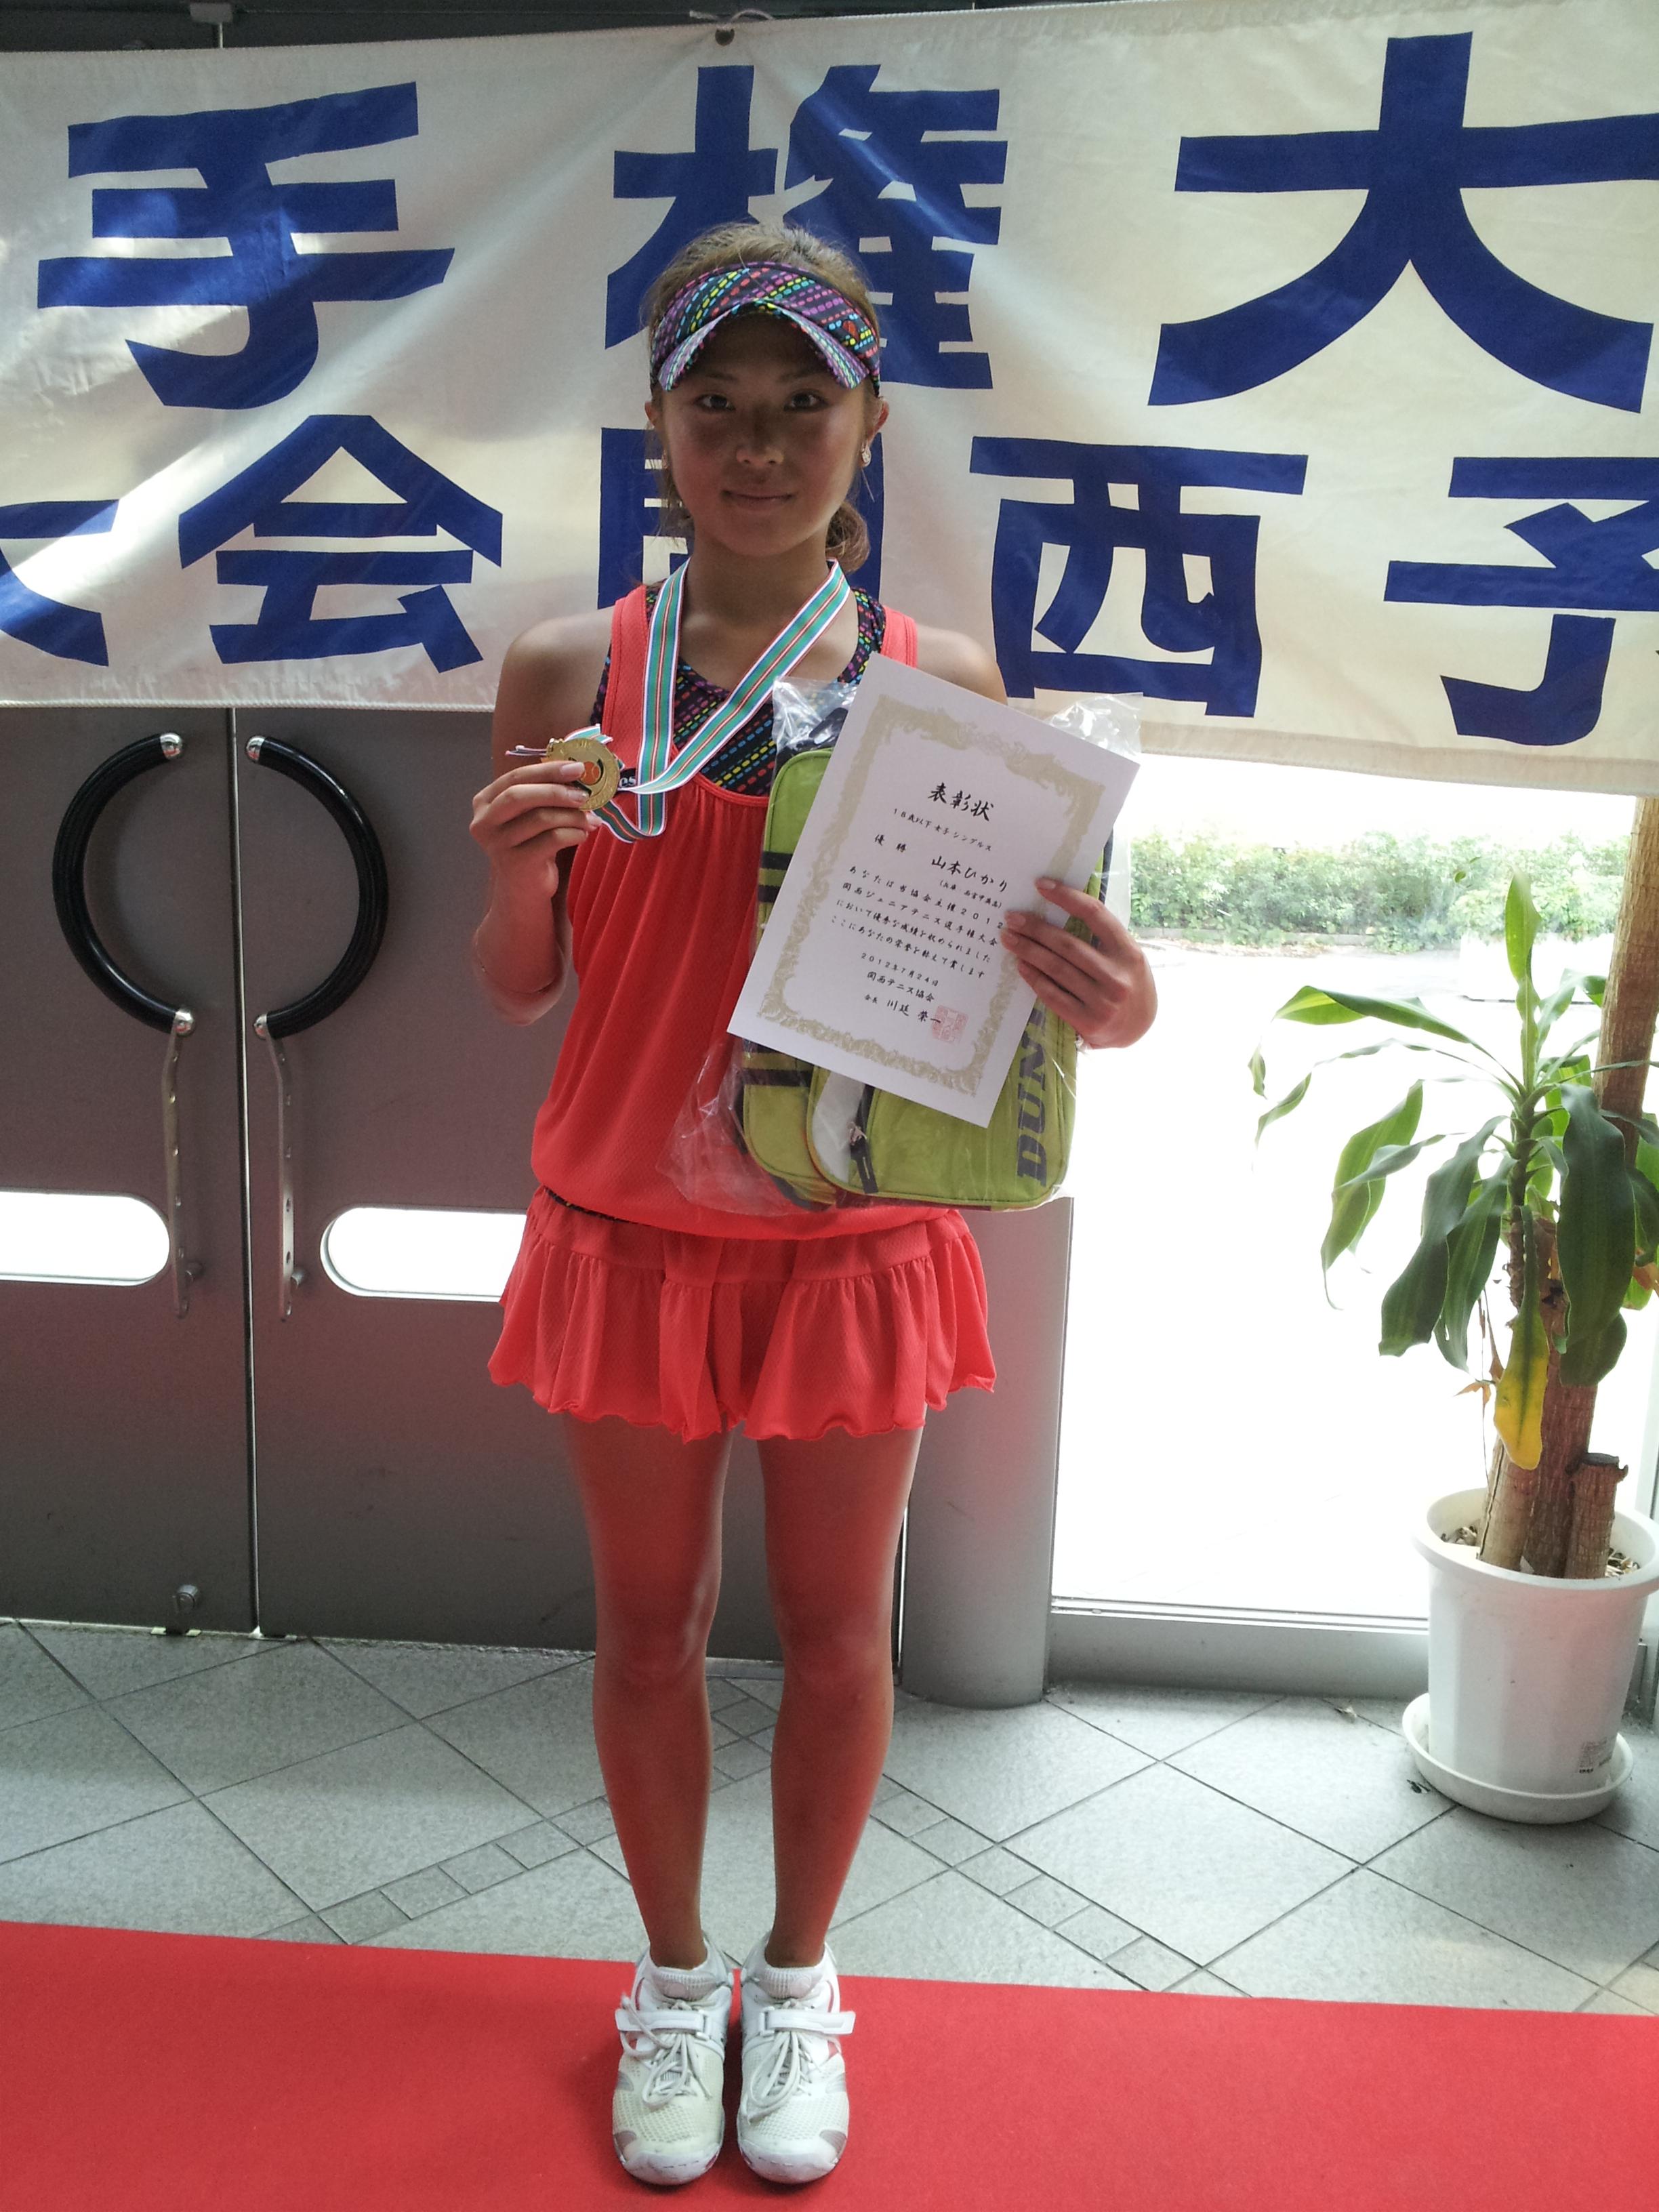 hikari yamamoto kansai junior tennis